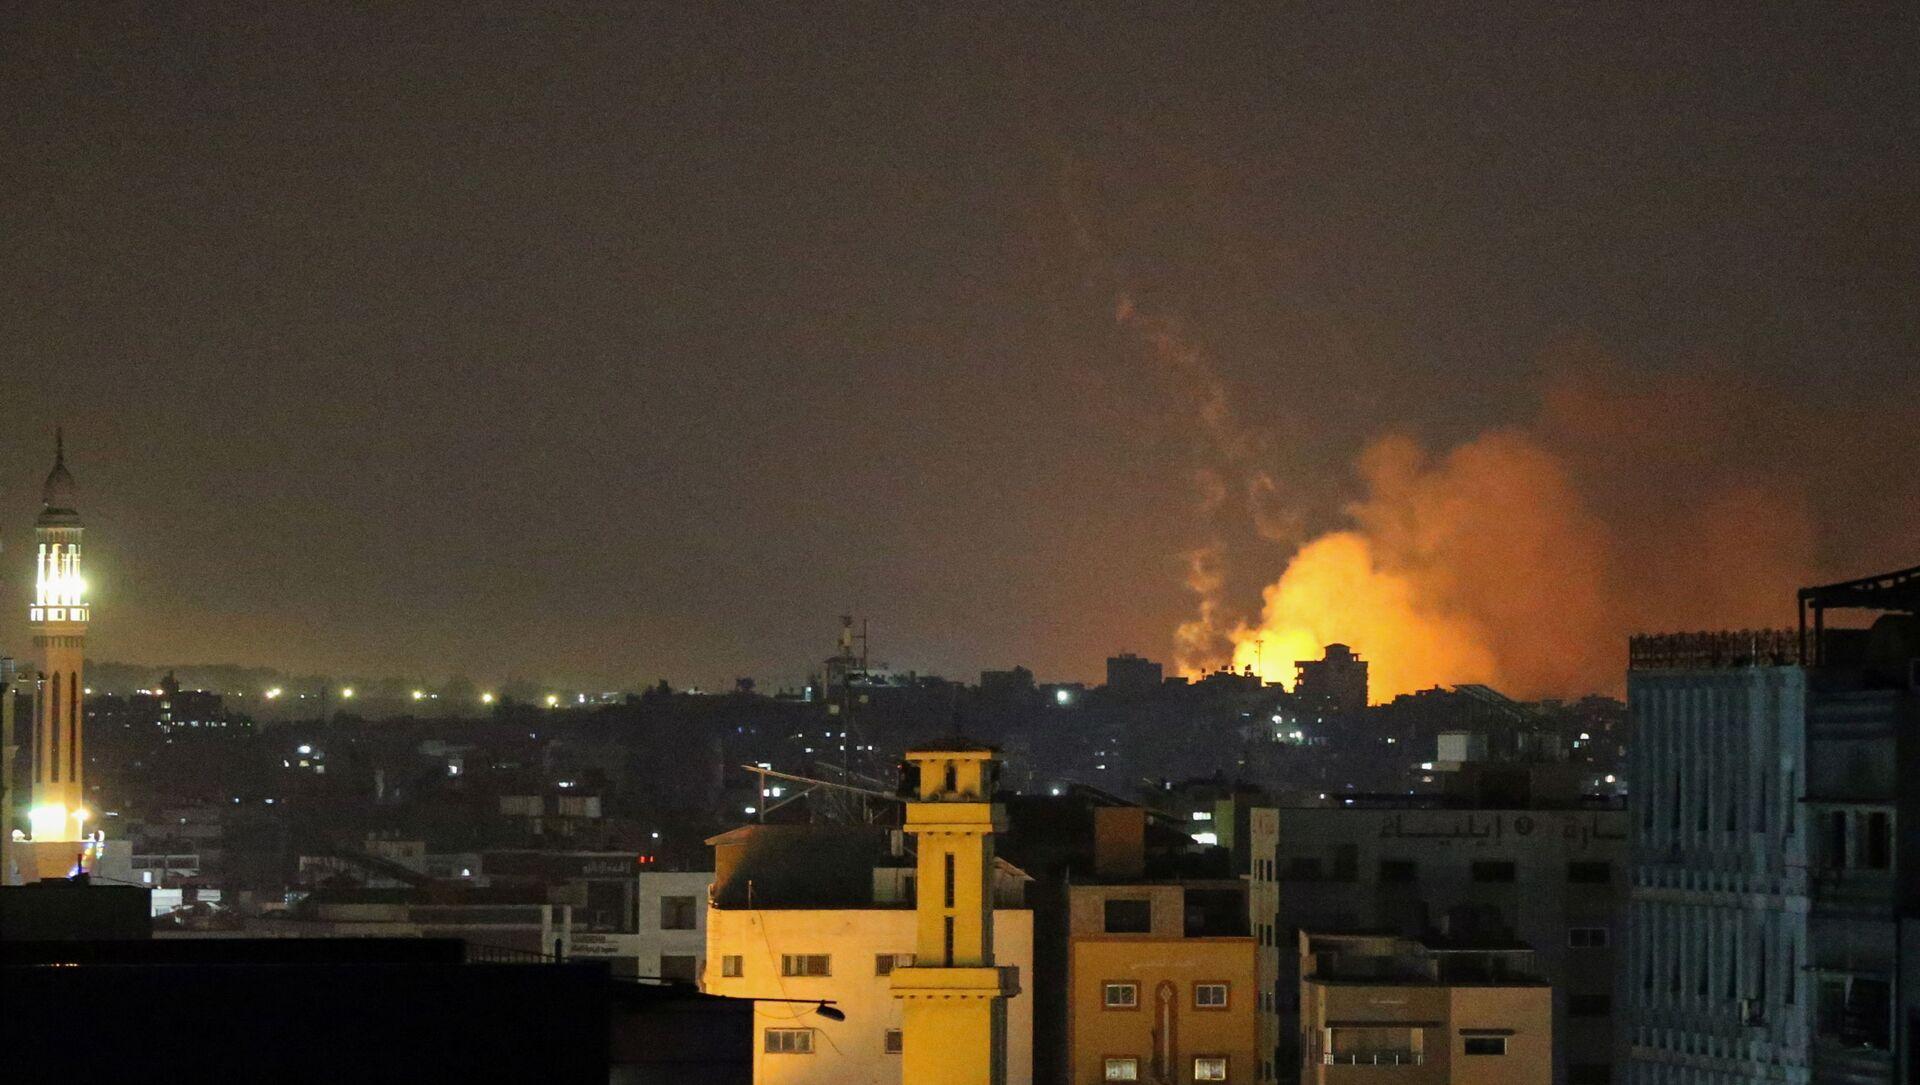 İsrail'in Gazze'ye hava saldırısı - Sputnik Türkiye, 1920, 02.07.2021